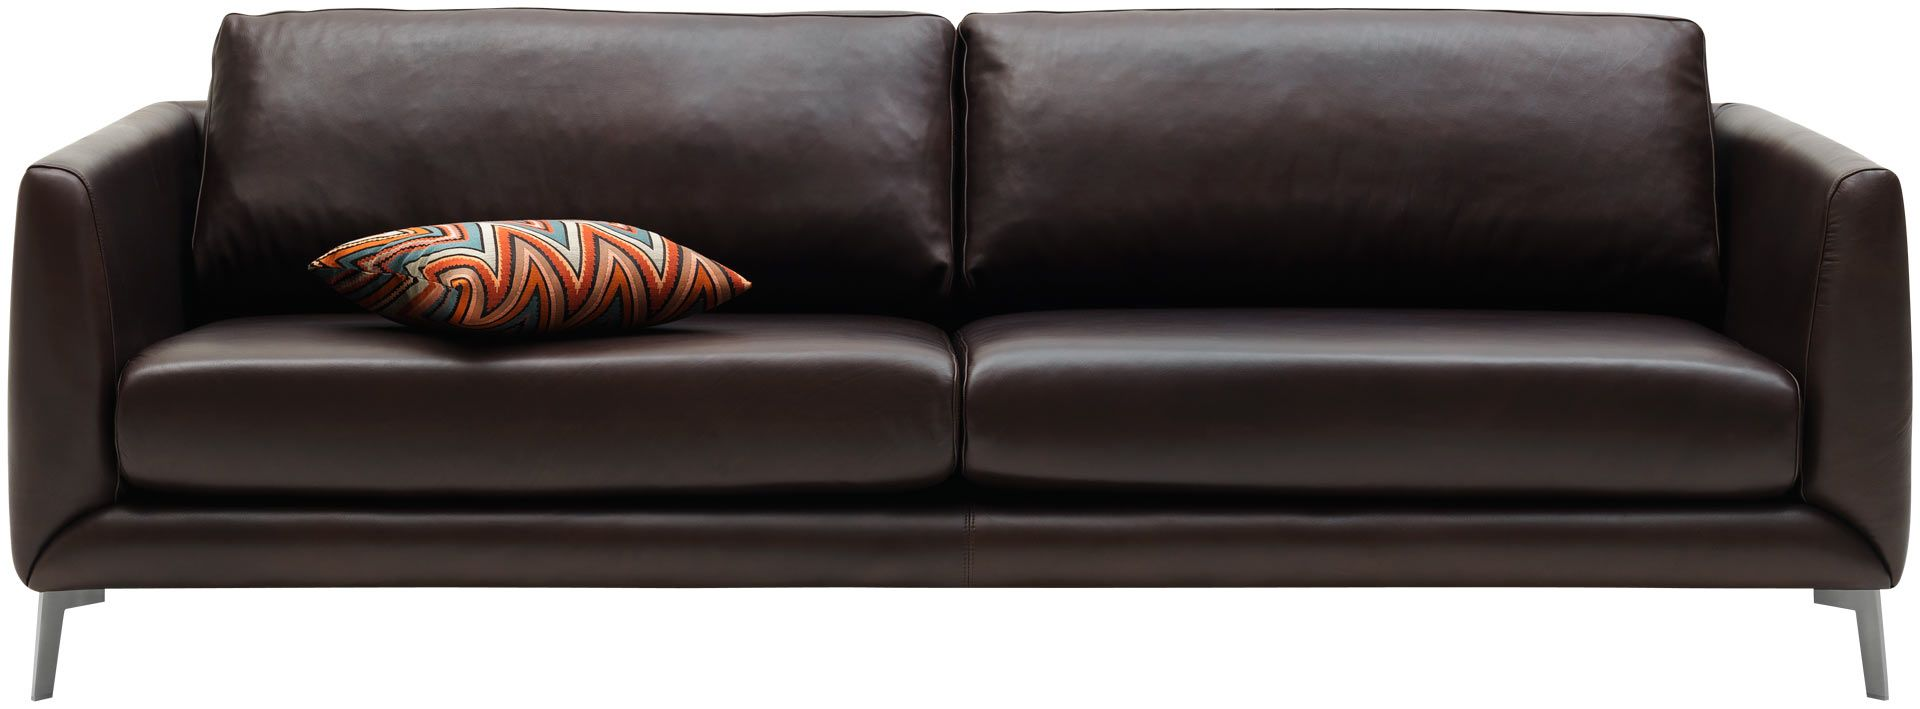 boconcept fargo sofa - design sofa - qualität von boconcept, Hause deko